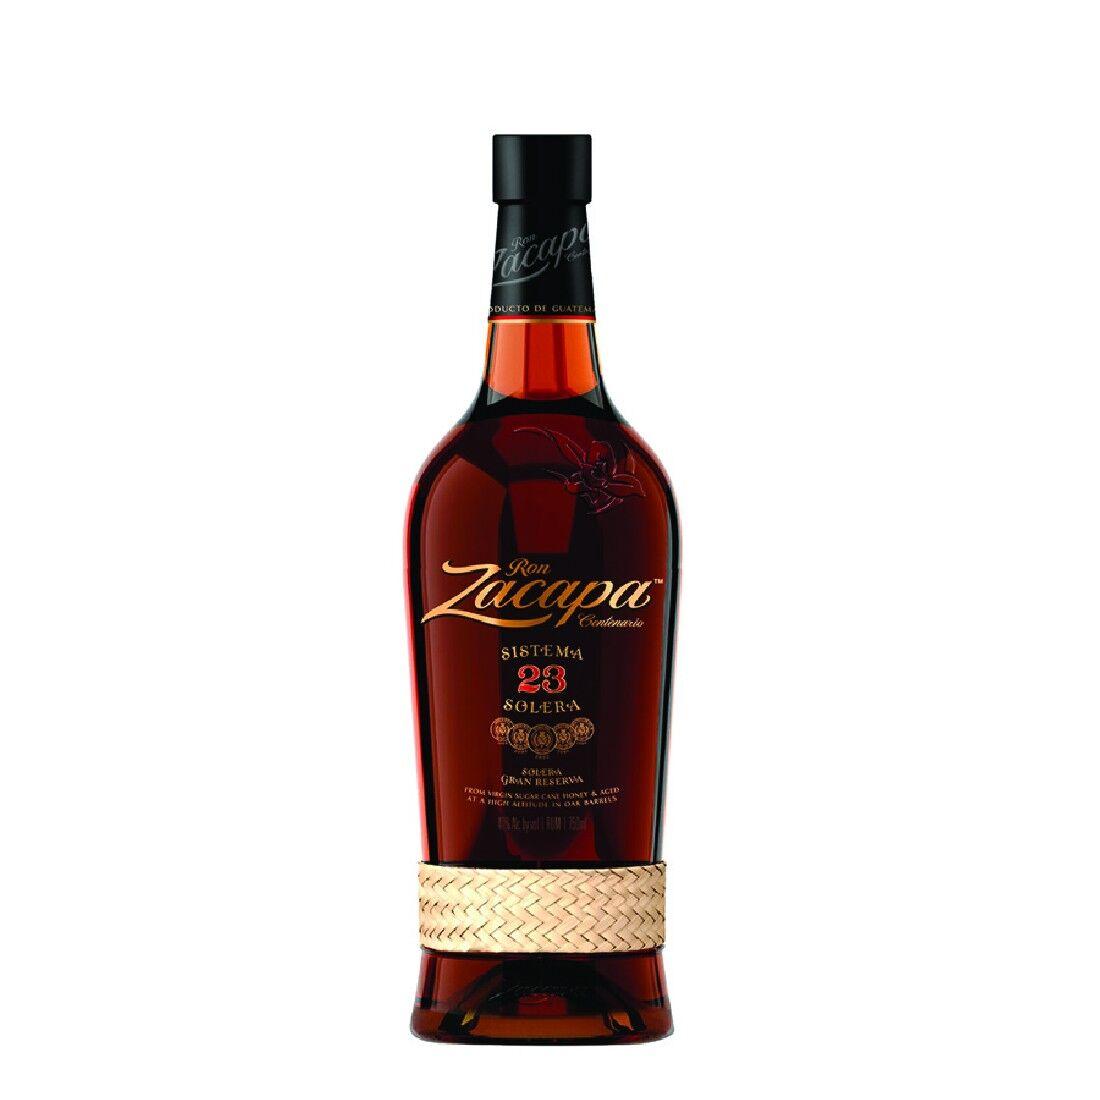 Rum Zacapa Centenario 23 Anni [0.70 lt, Astucciato]